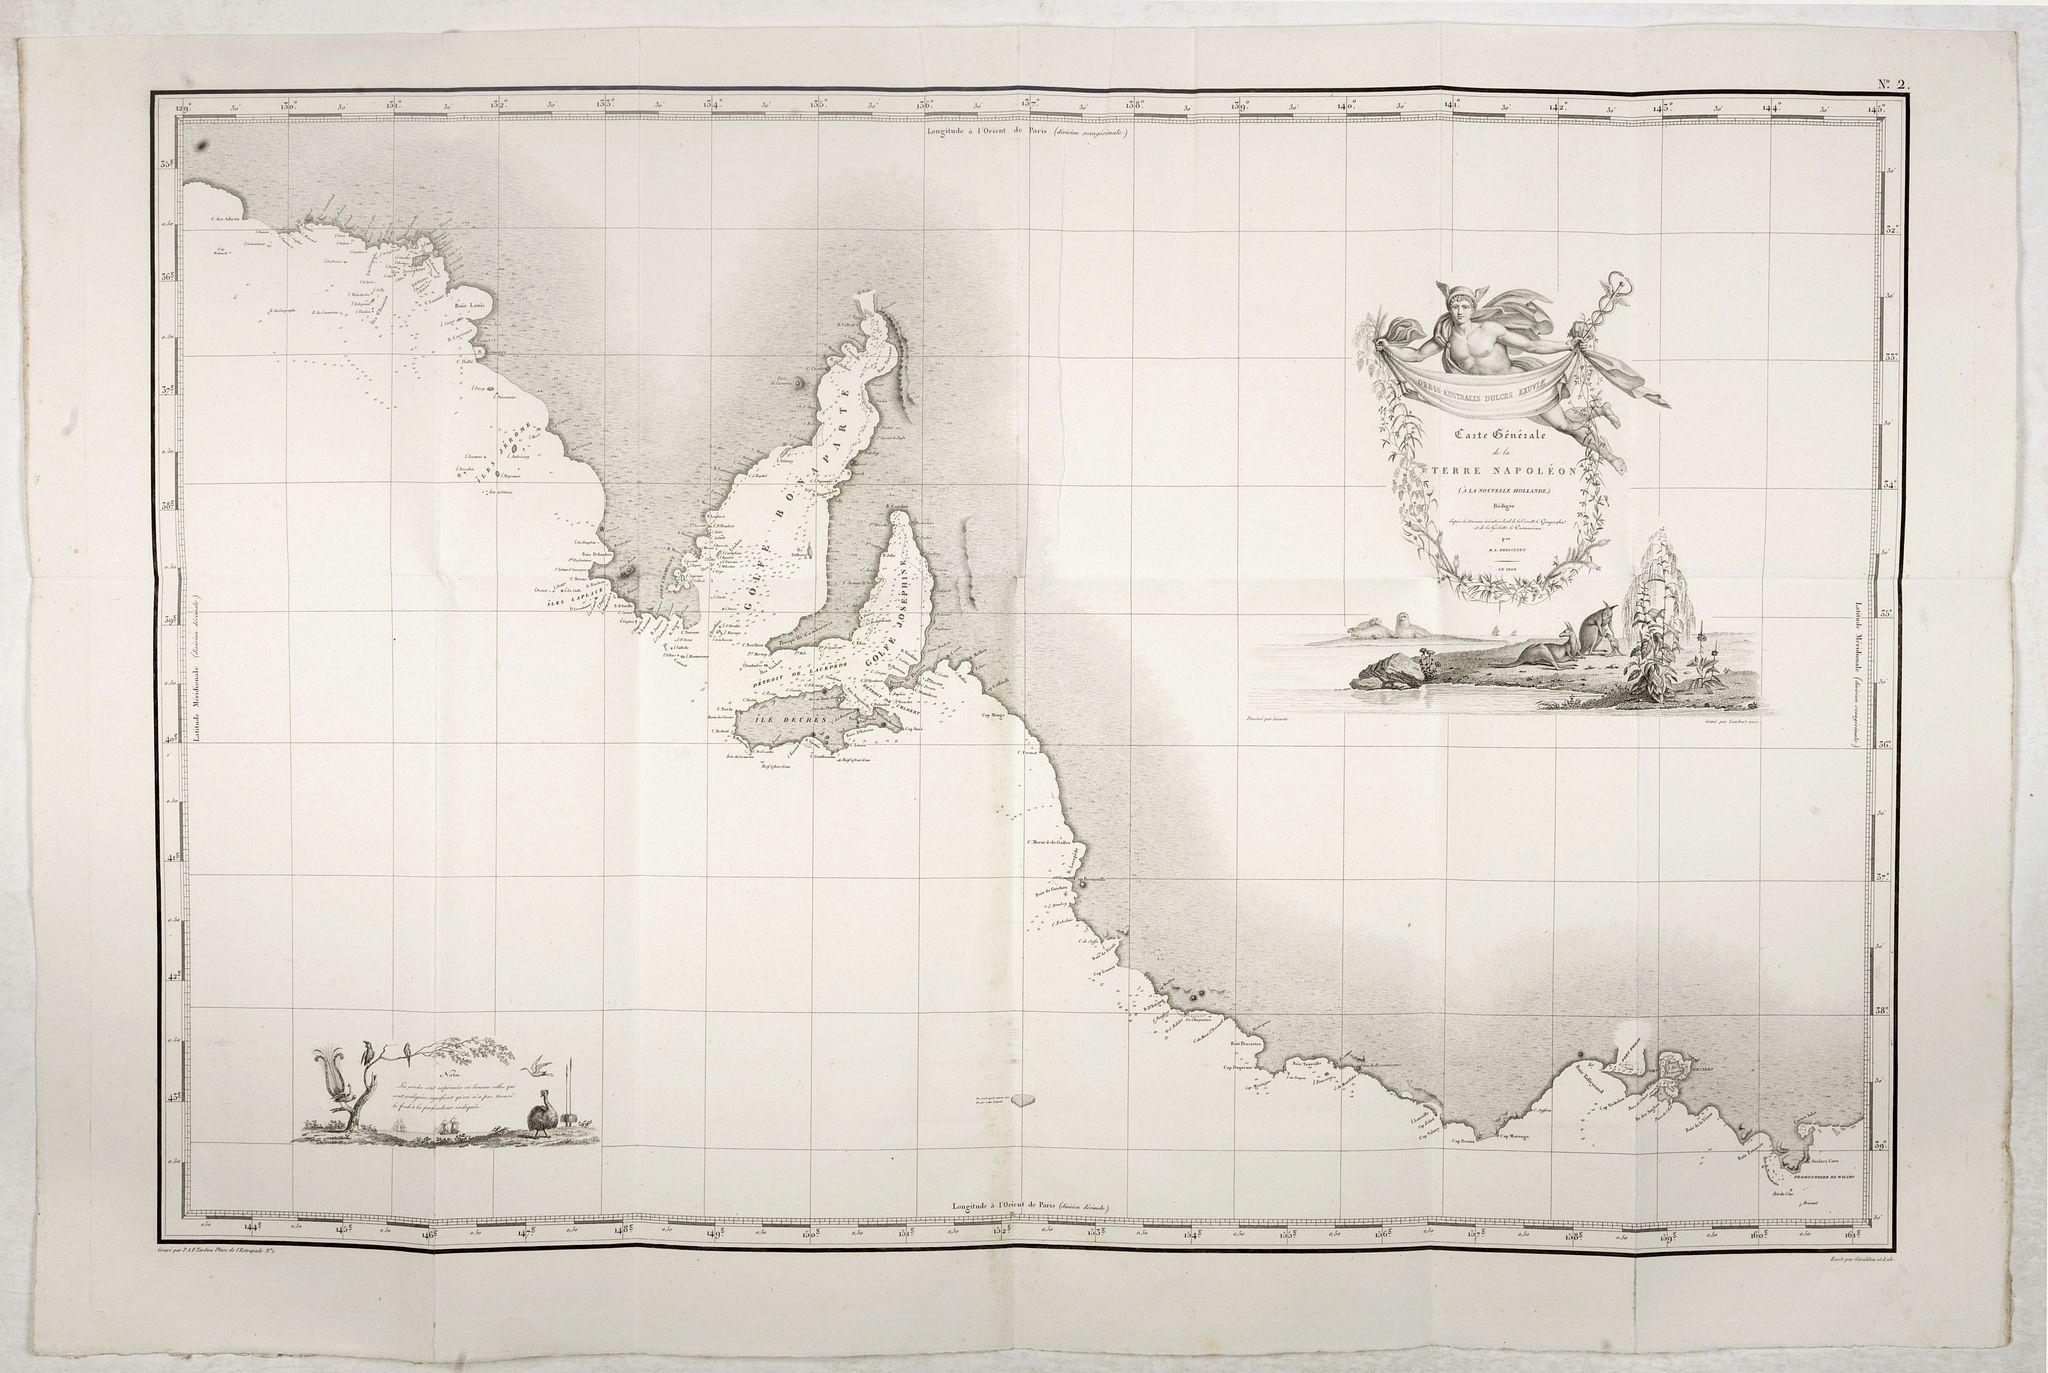 FREYCINET, M.L. -  Carte Generale de la Terre Napoleon (à la Nouvelle Hollande)... par M.L. Freycinet an 1808.